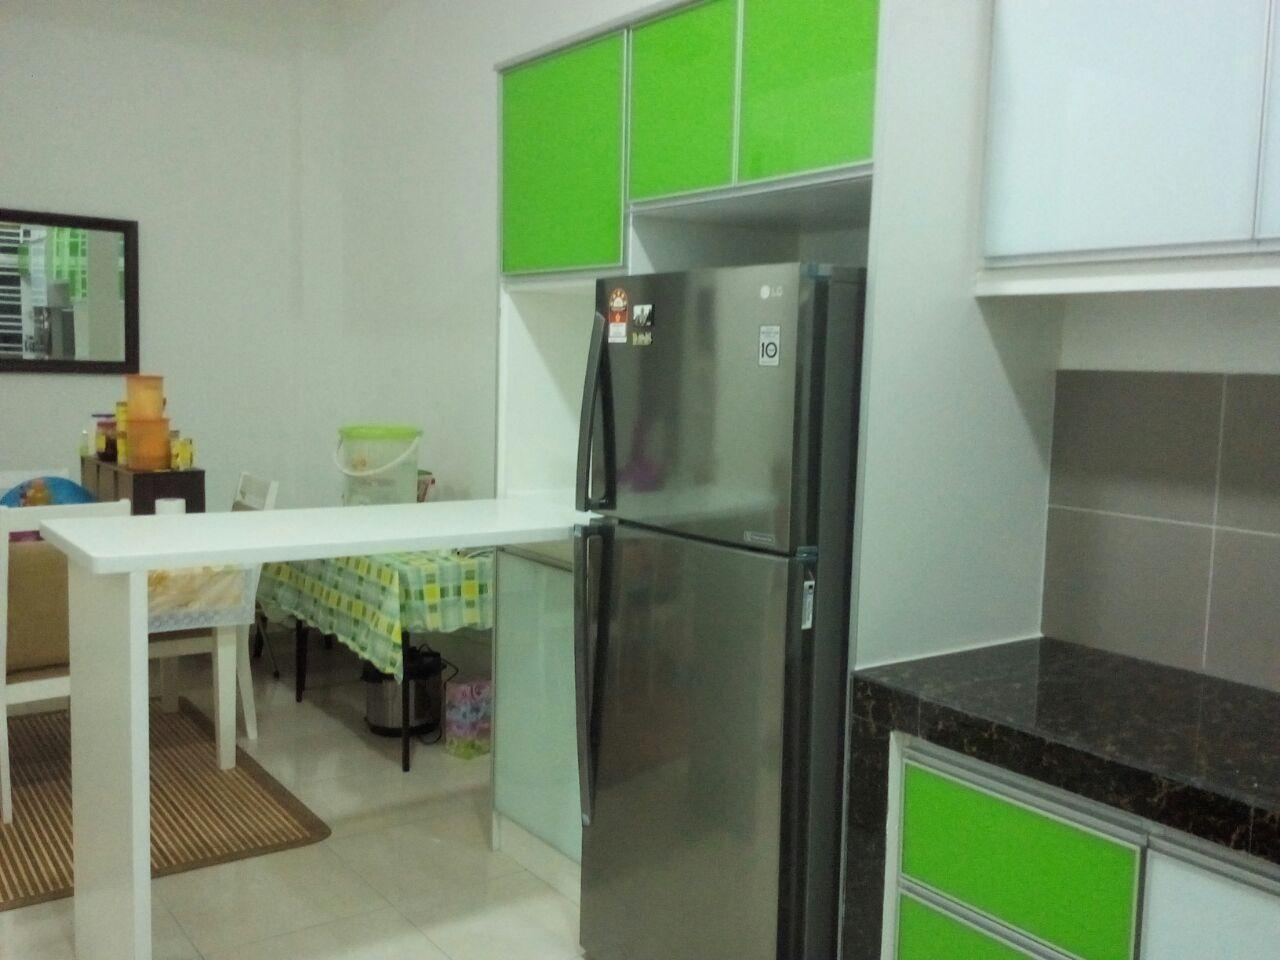 kabinet dapur terus dari kilang Kabinet dapur hijau bukit